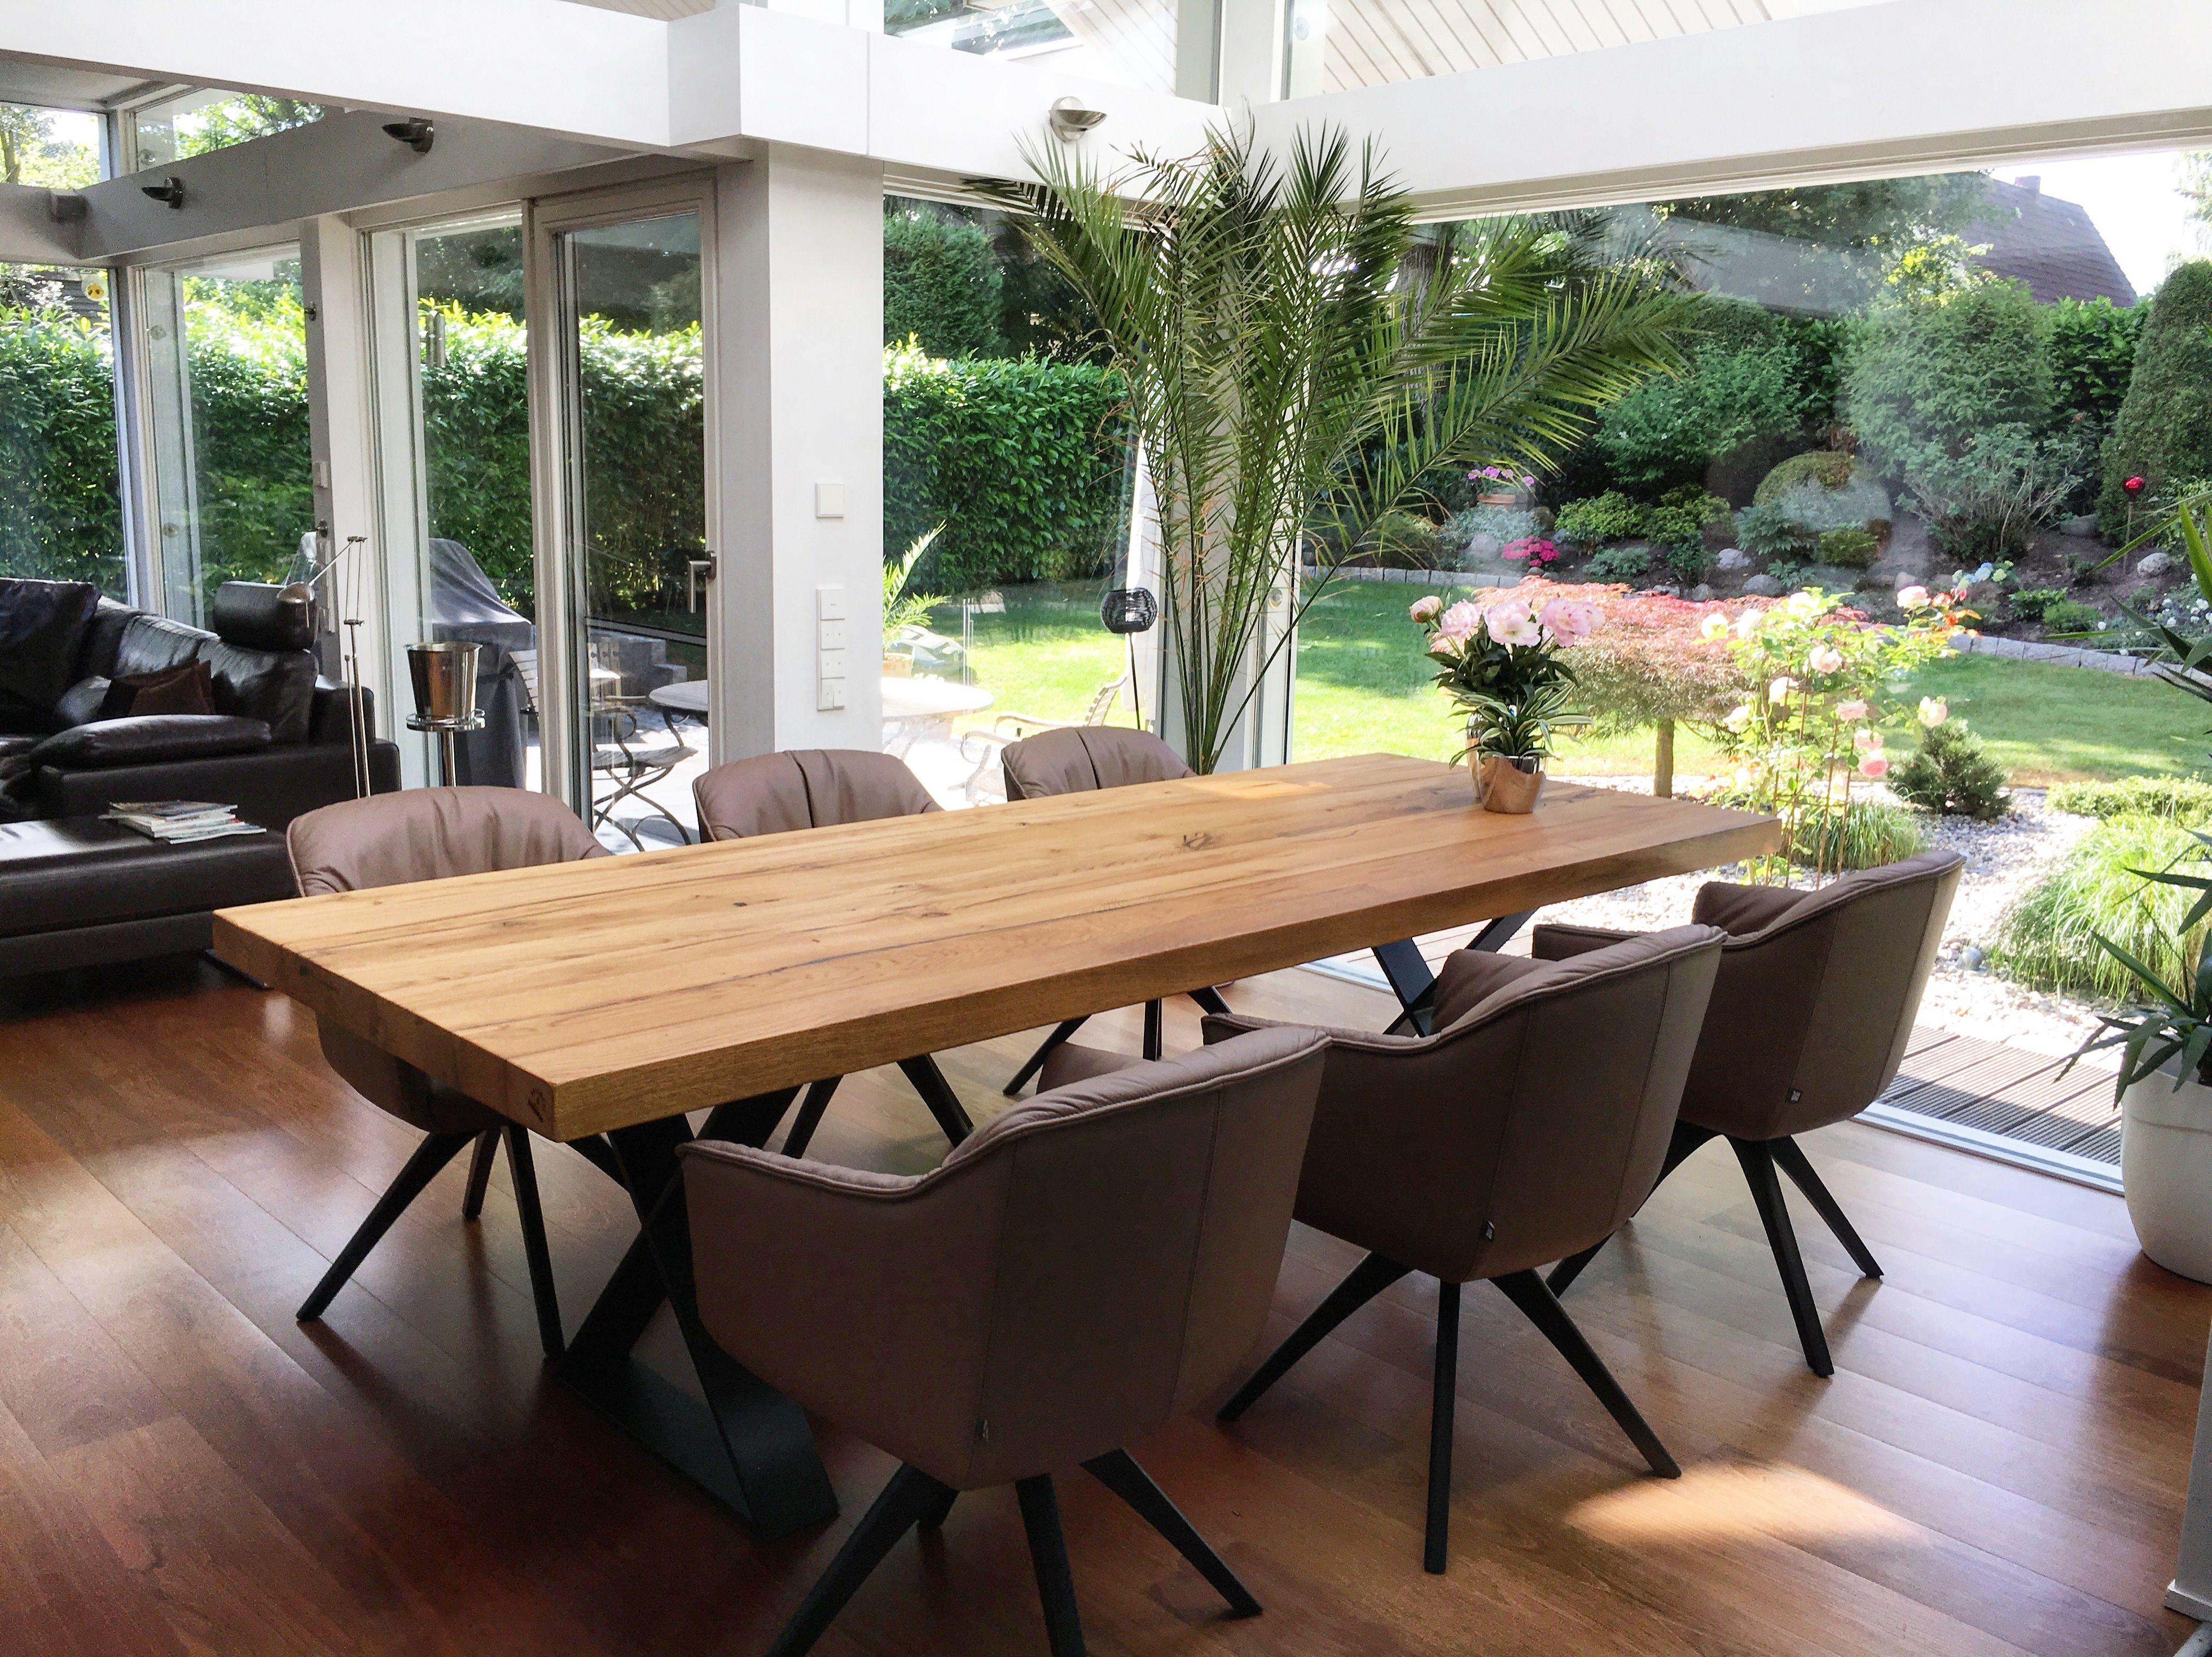 Esstisch Eichenholz Holz massiv Massivholztisch auf Maß